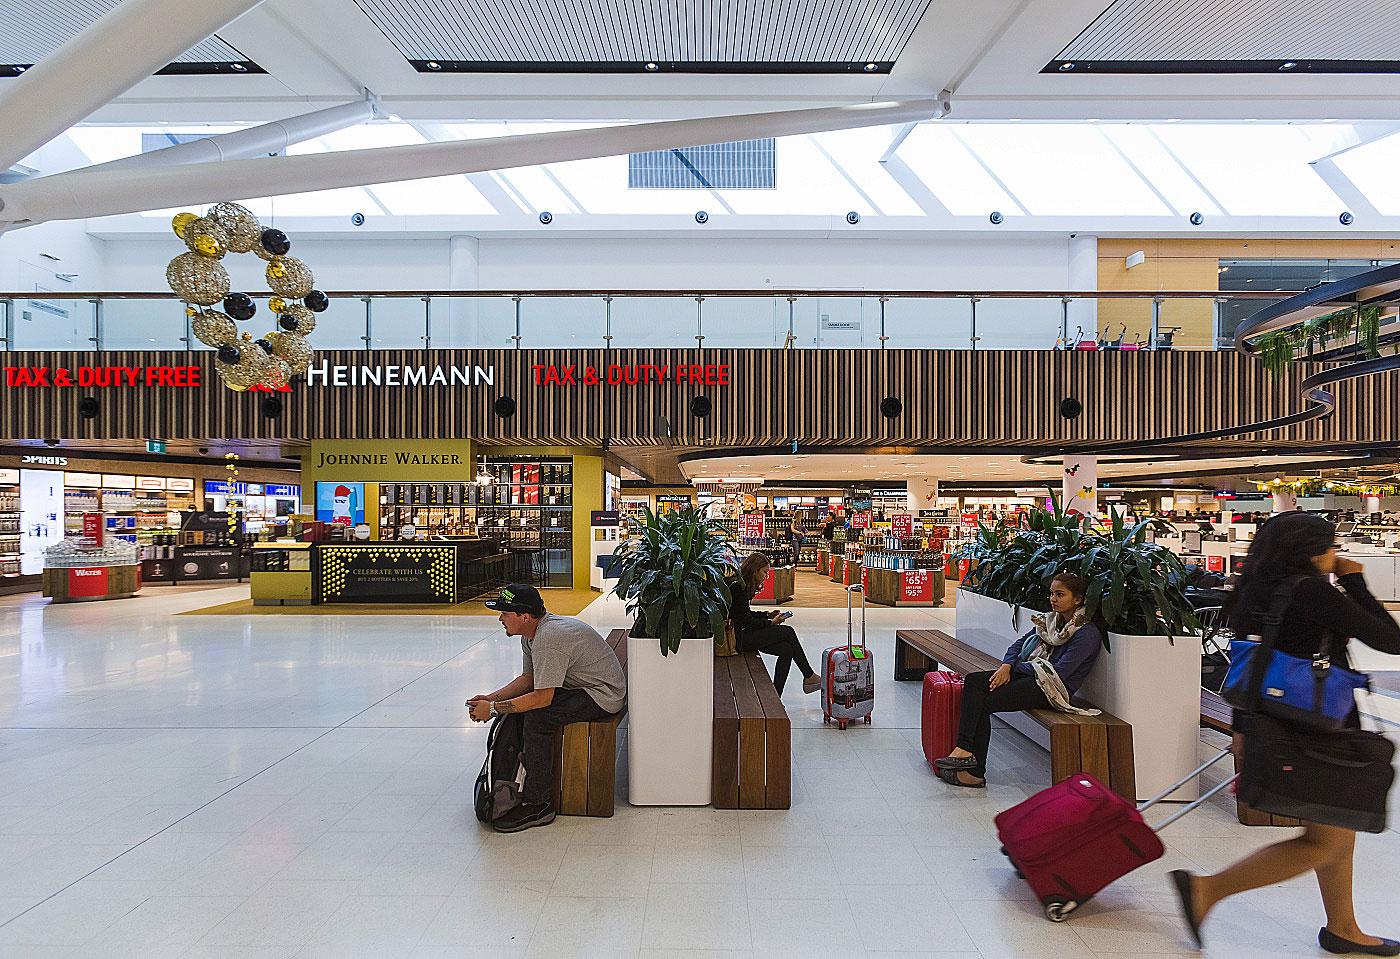 Eur 6320 rec skim rec sydney airport app 04